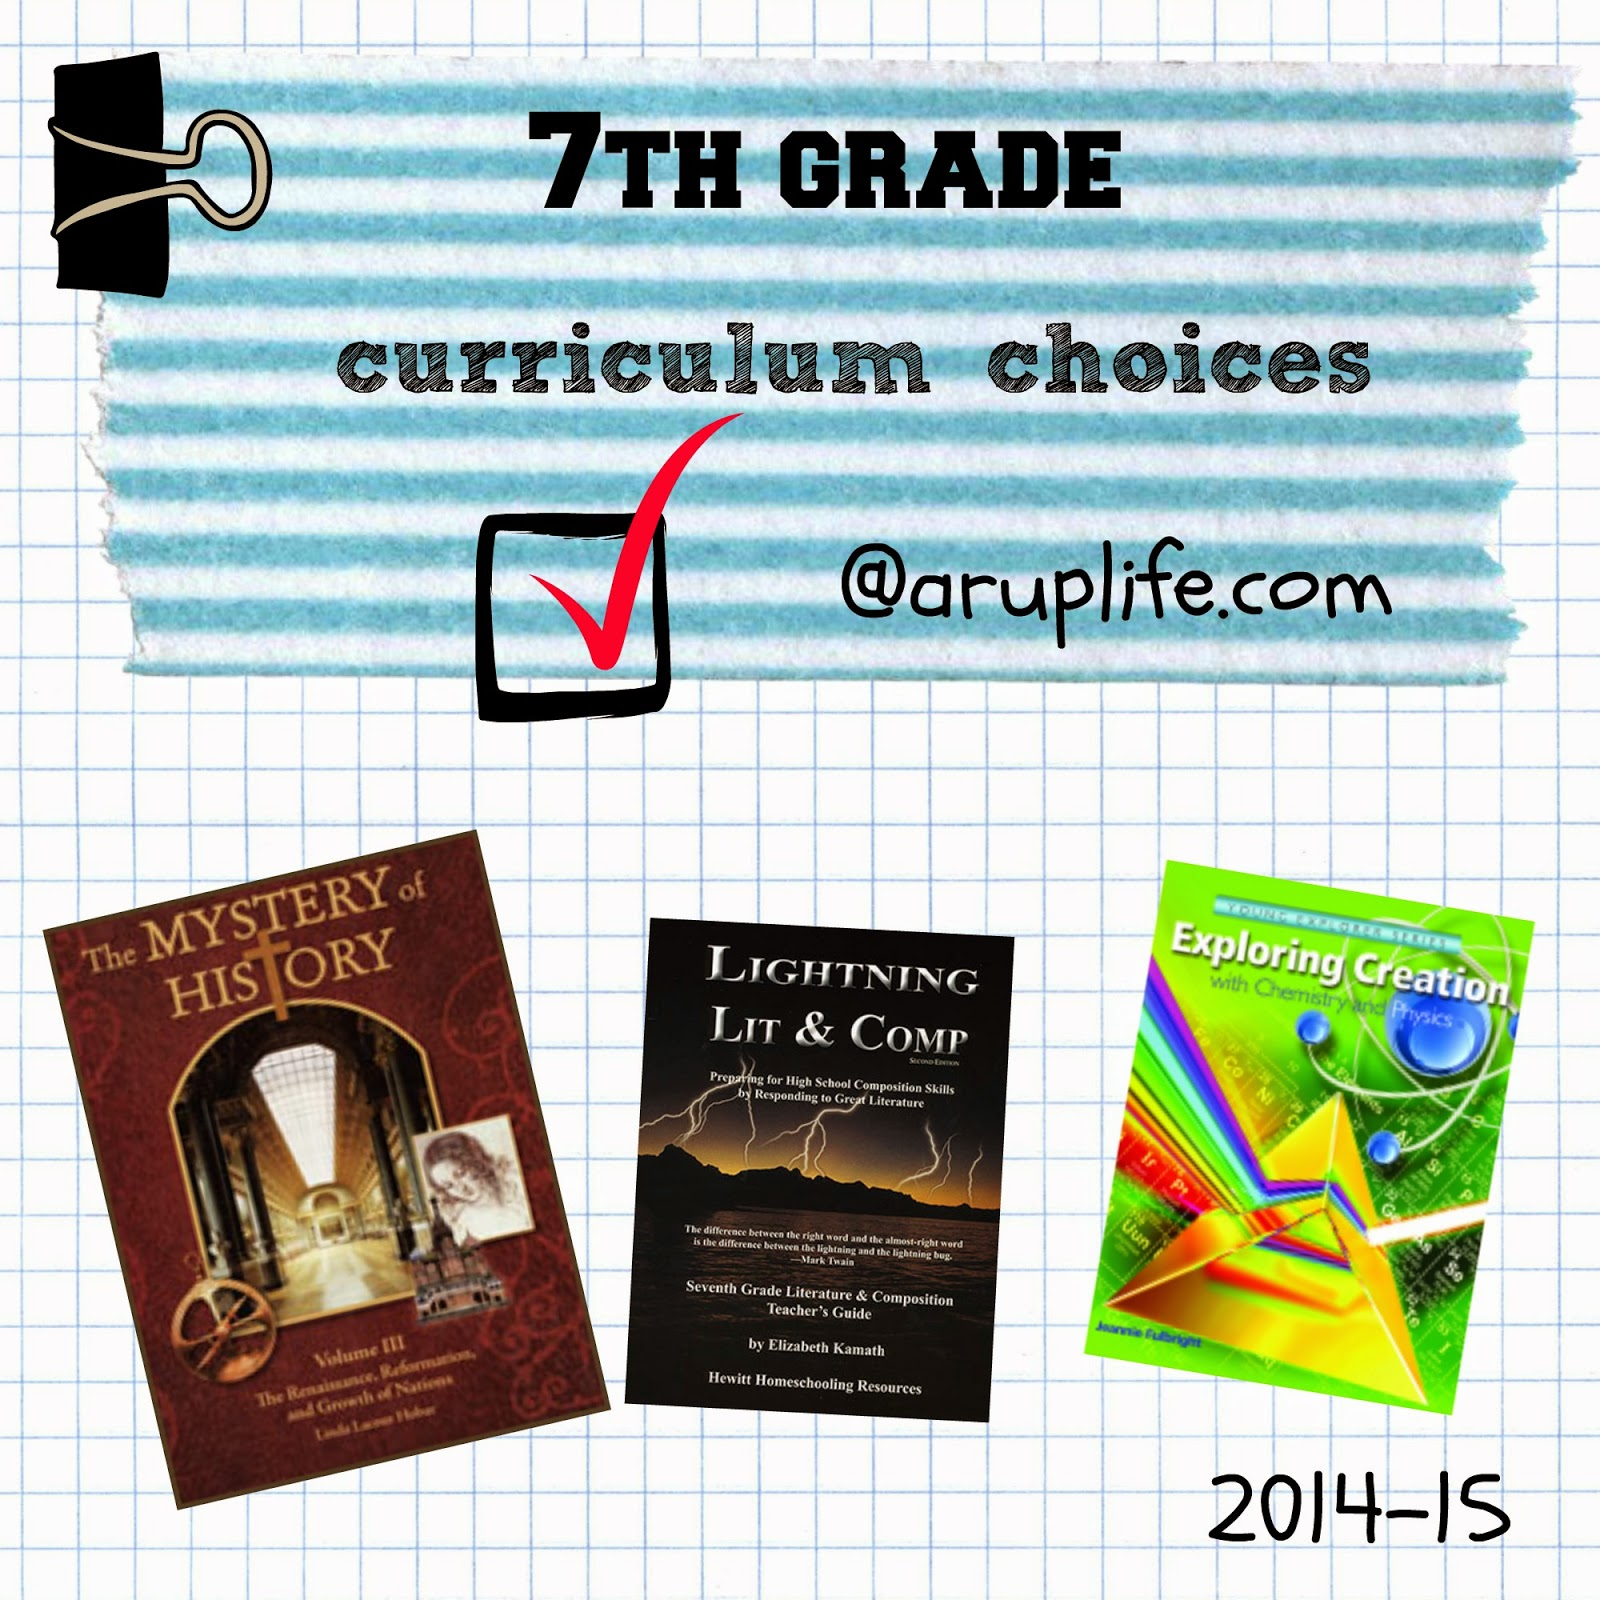 A Rup Life 7th Grade Curriculum Choices